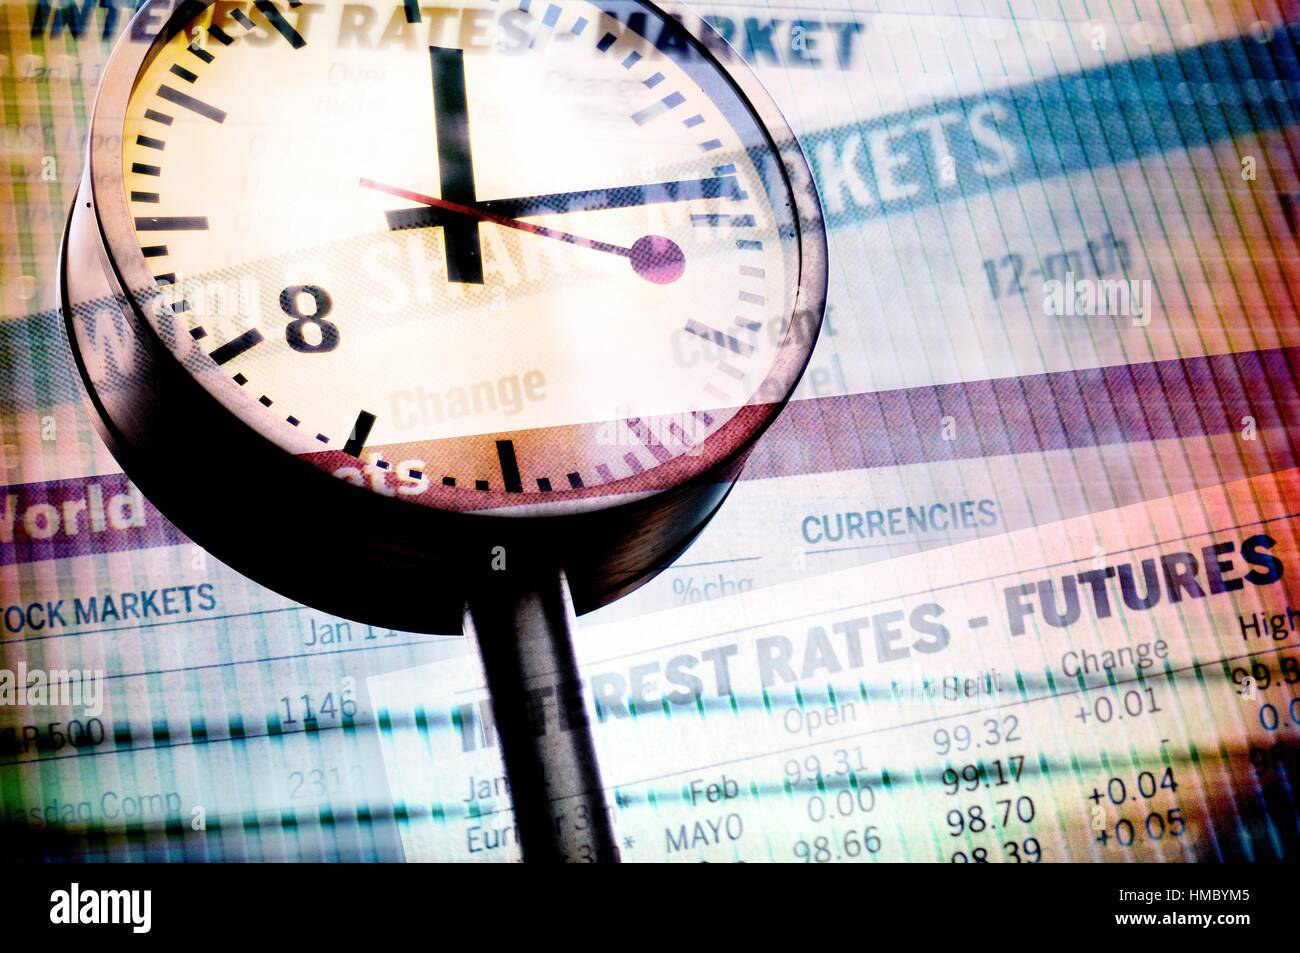 Mercado bursatil, Bolsa de valores, taux du marché, marché boursier. Banque D'Images